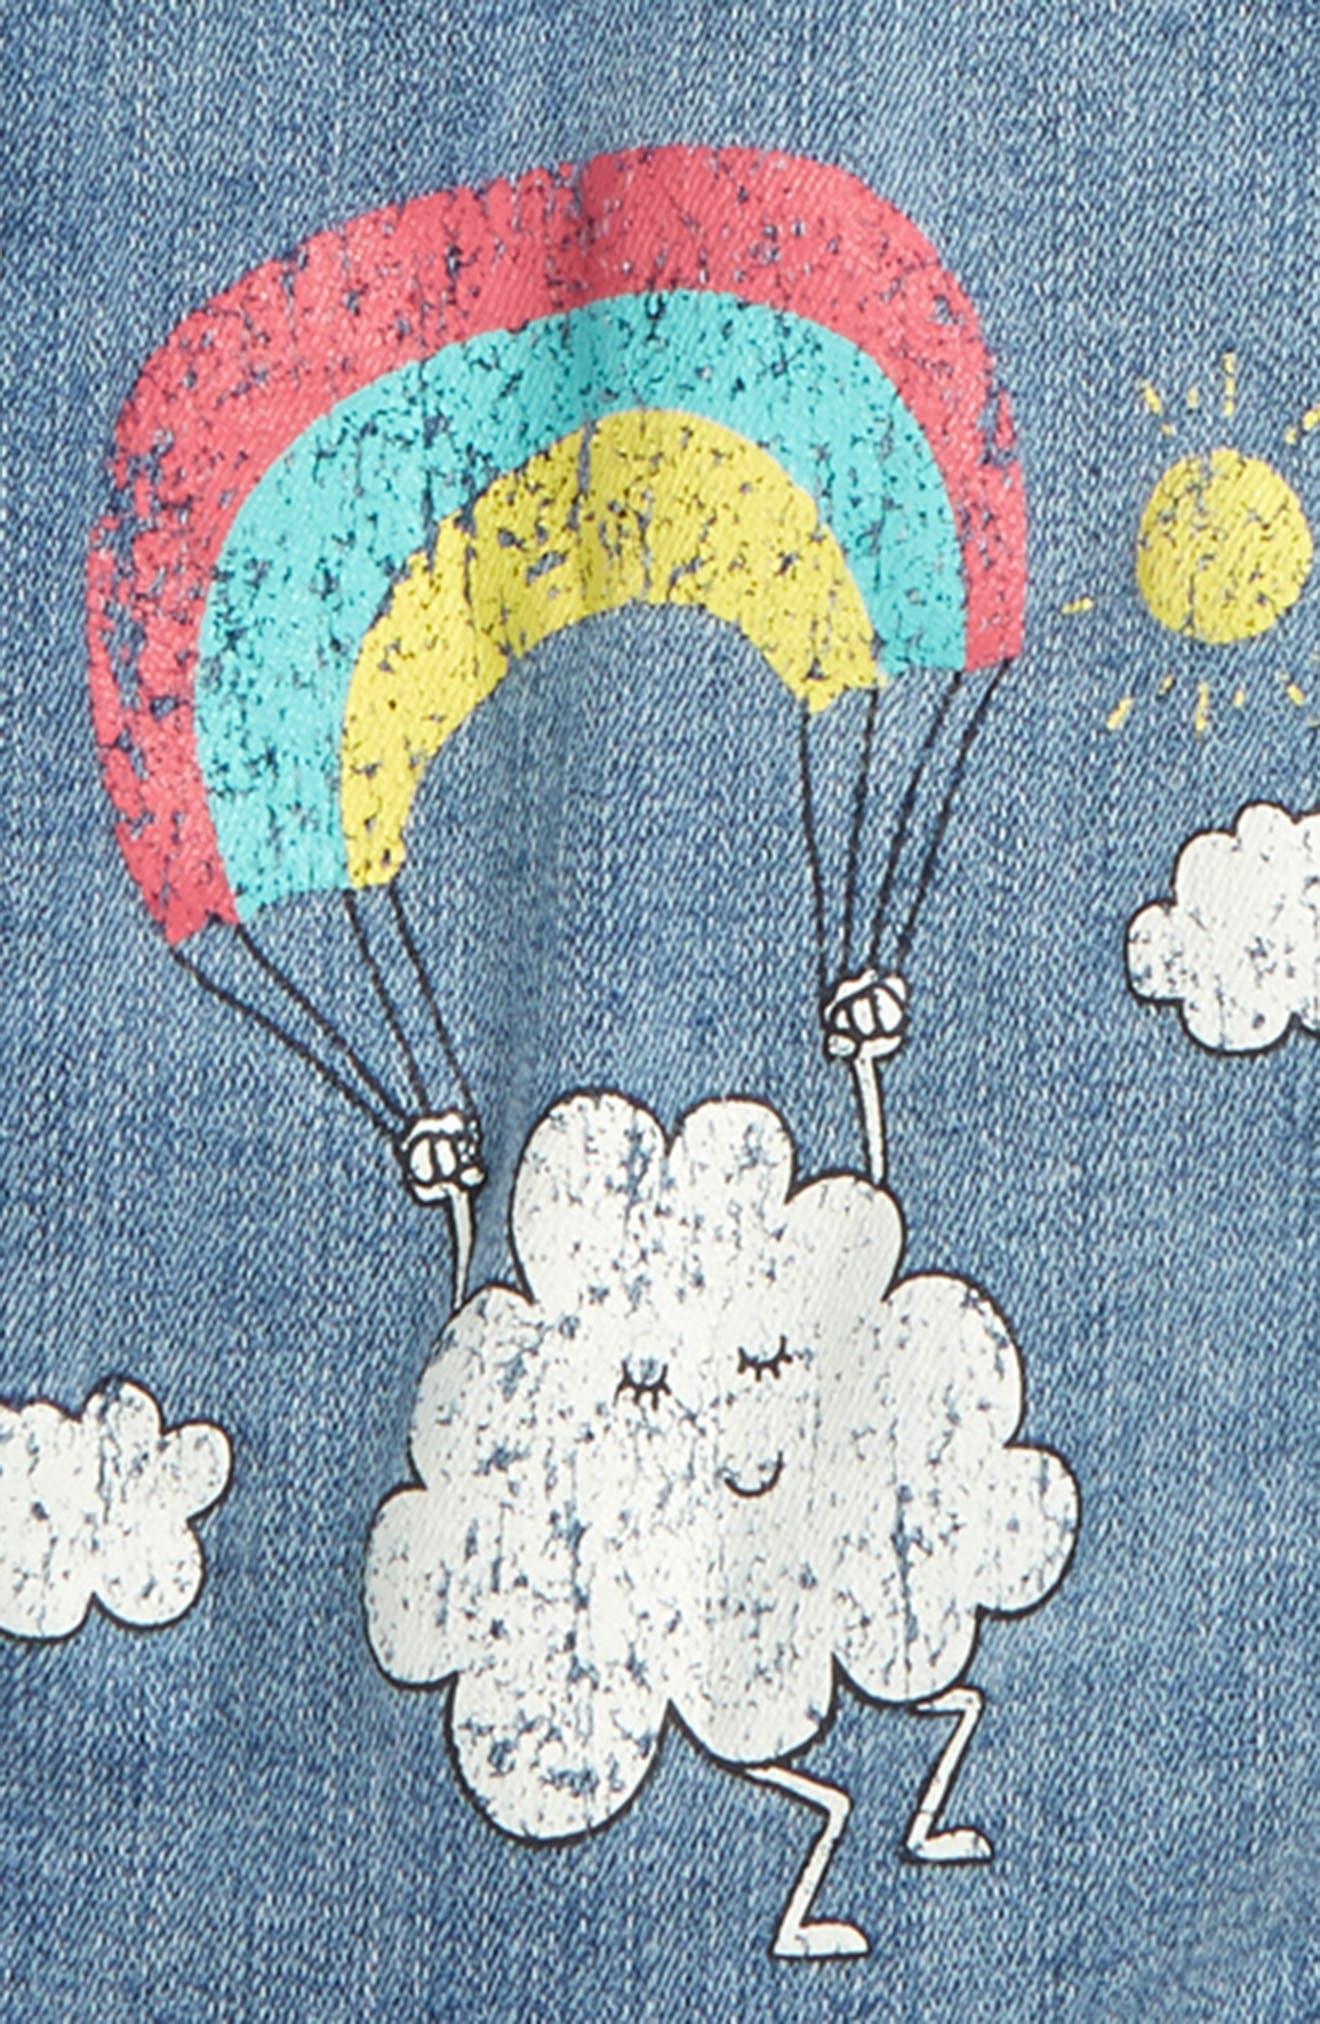 Embellished Hooded Denim Jacket,                             Alternate thumbnail 3, color,                             Bleached Out Wash